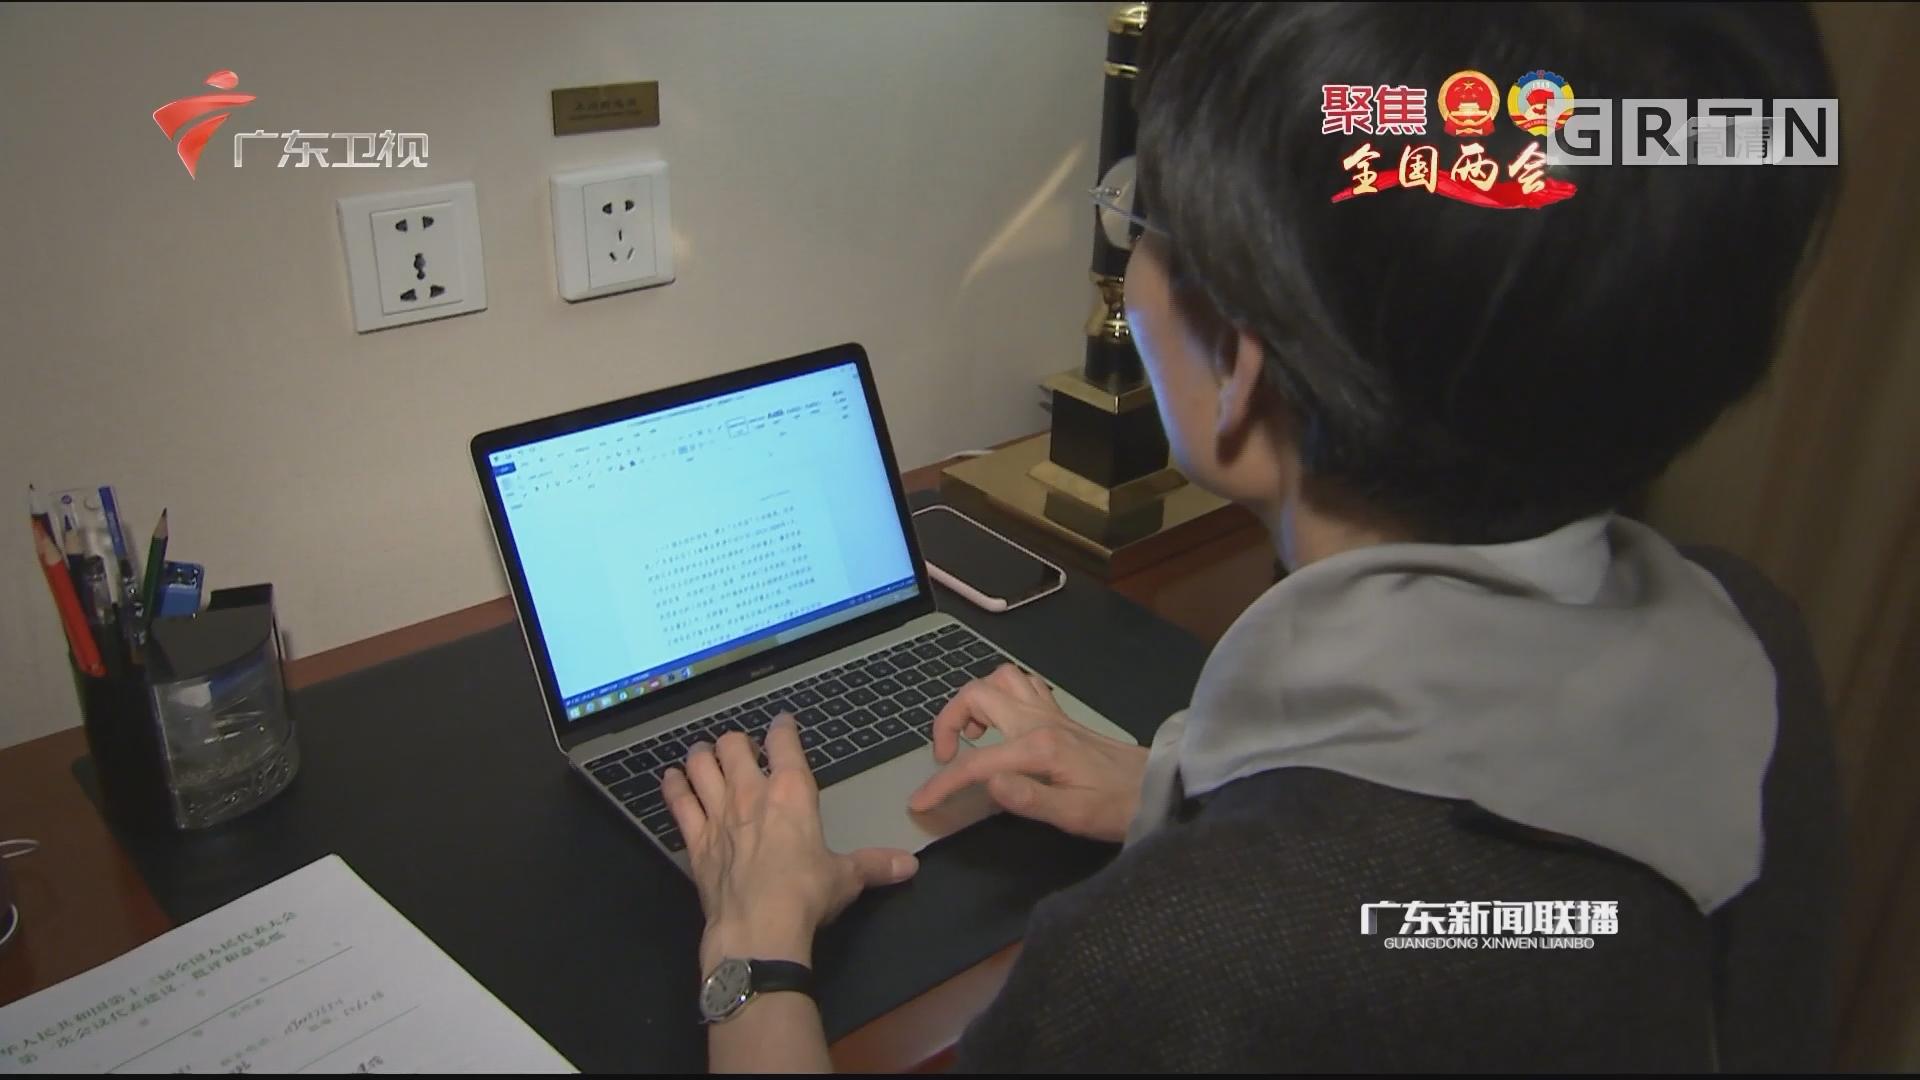 广东代表团共提出代表议案10件 建议428件